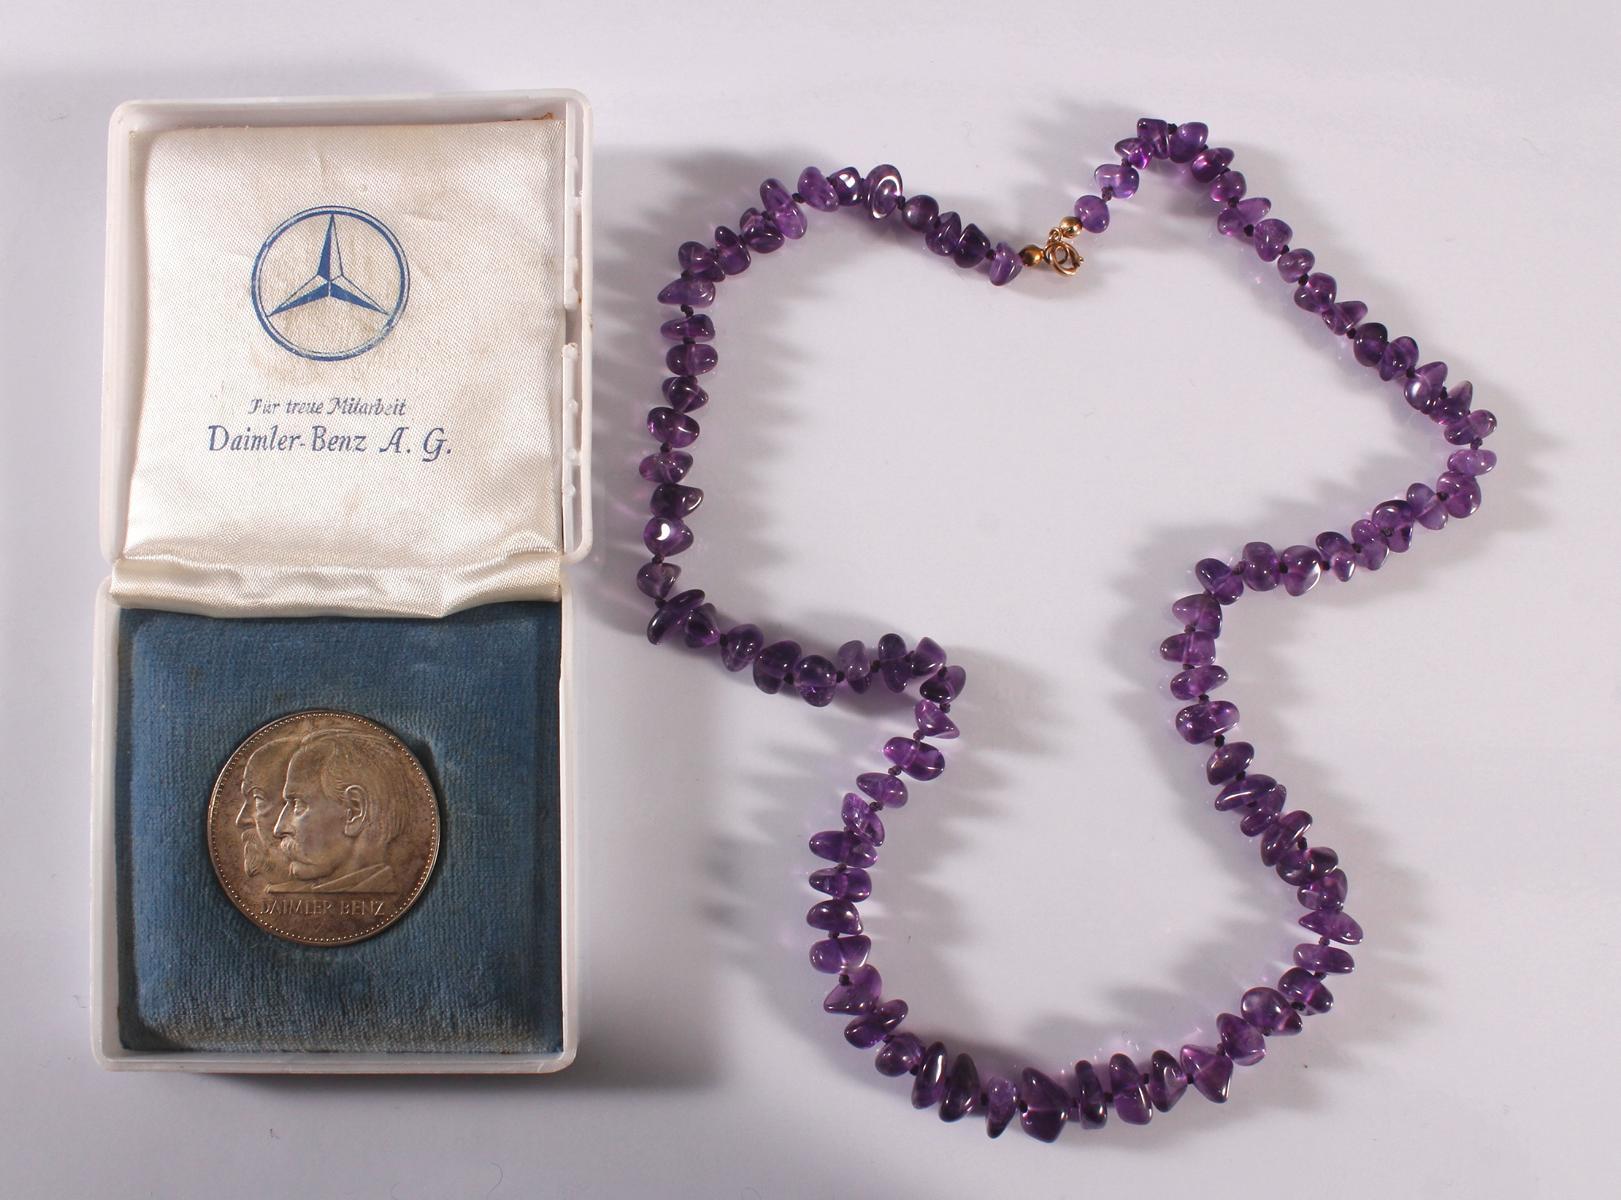 Halskette mit Silbermedaille